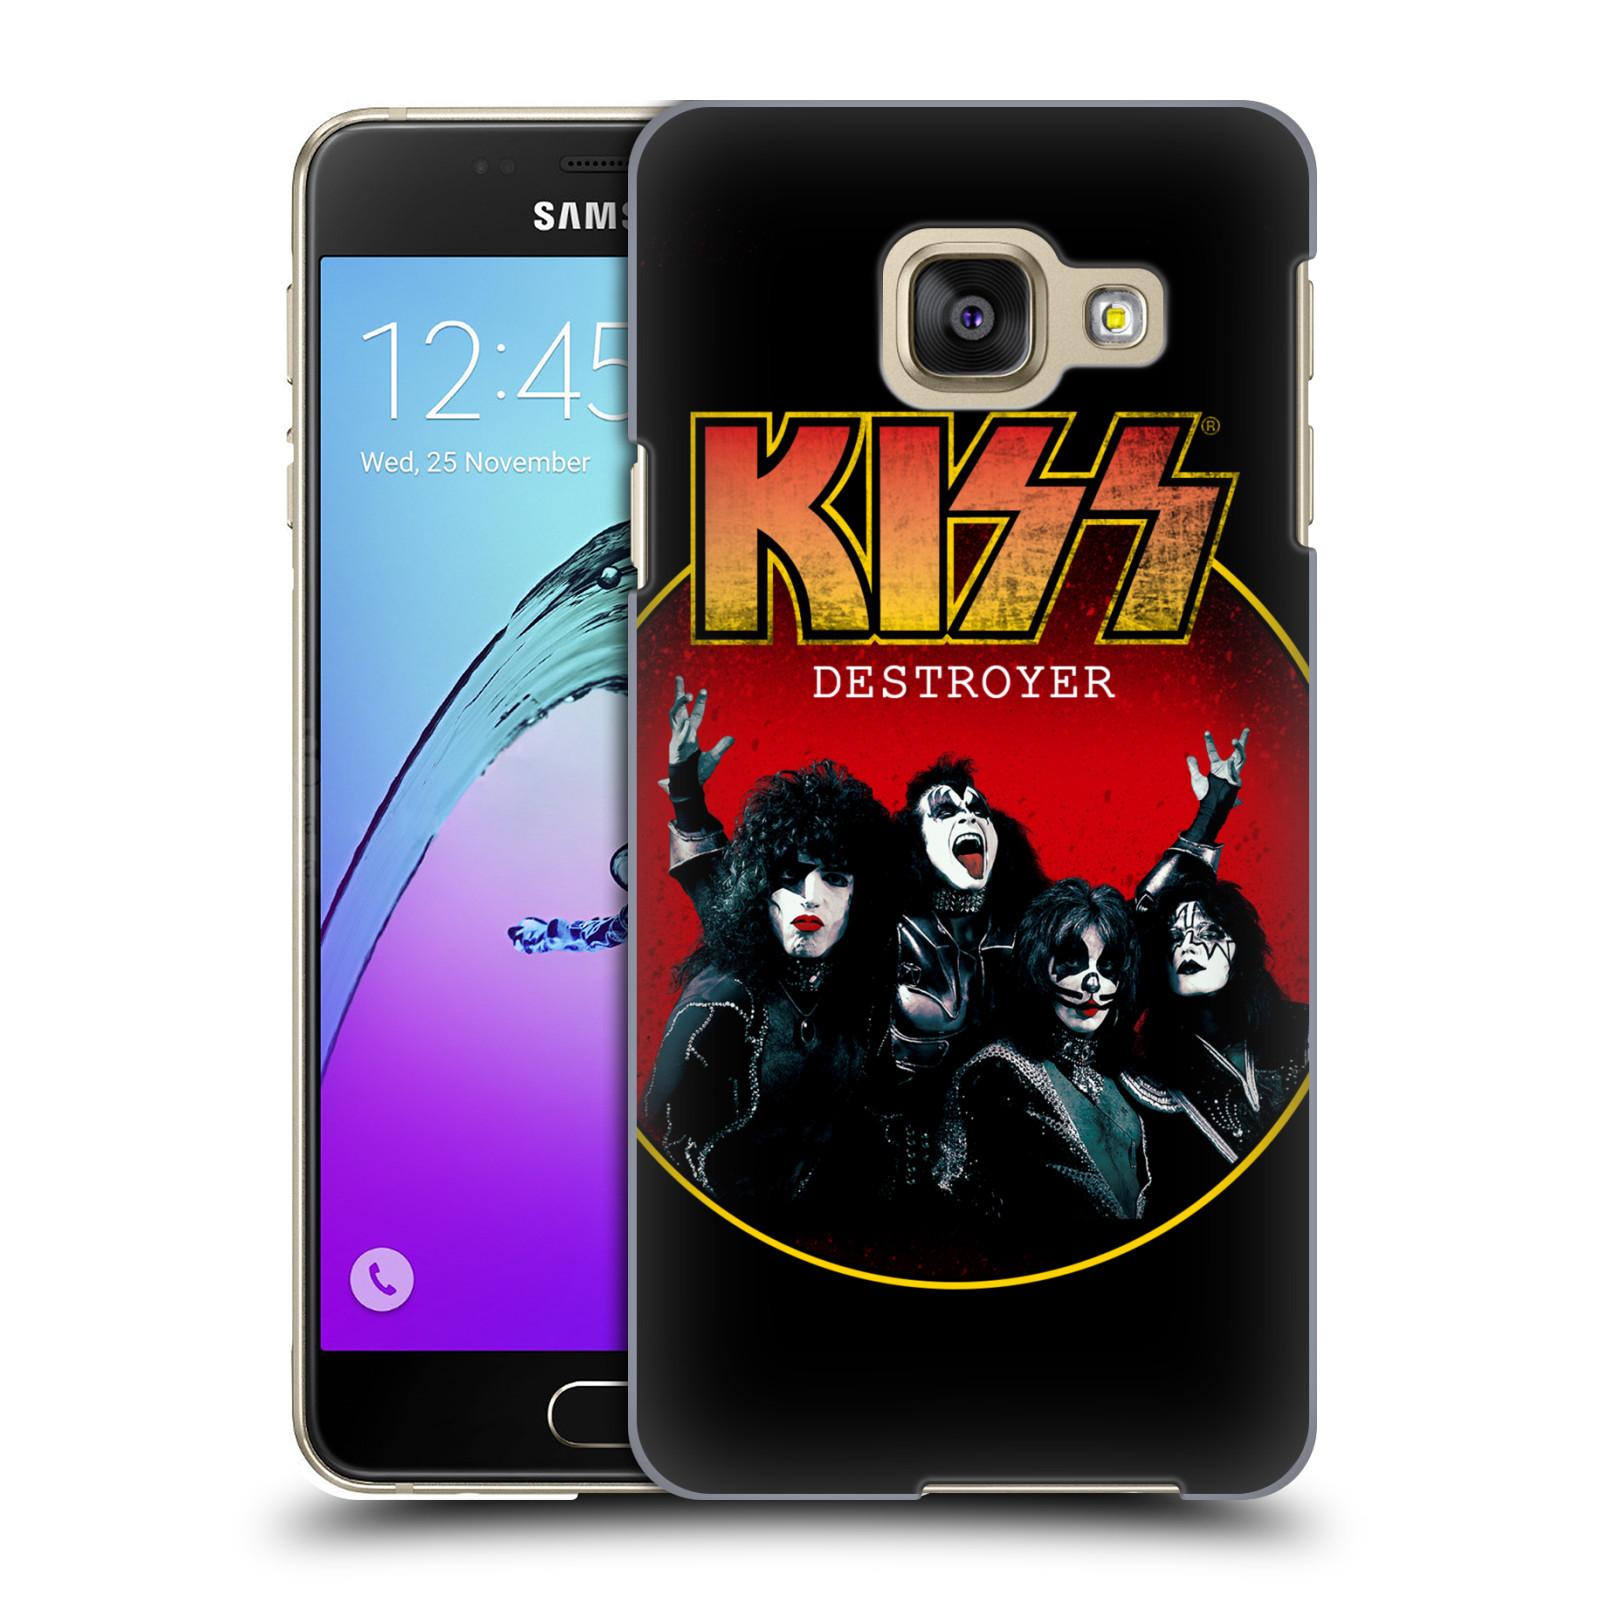 Plastové pouzdro na mobil Samsung Galaxy A3 (2016) HEAD CASE - Kiss - Destroyer